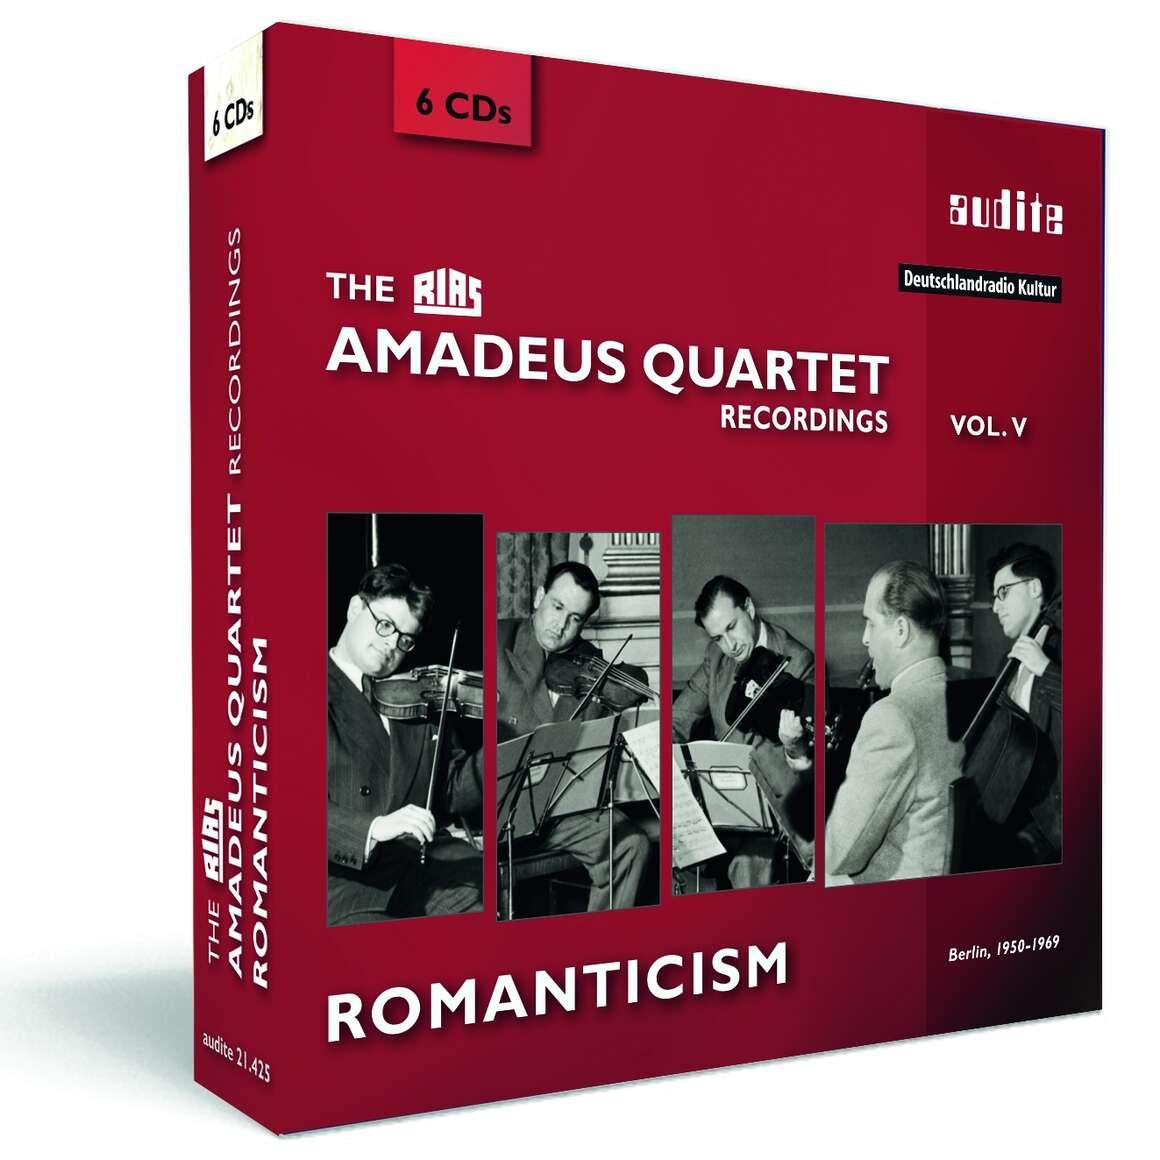 The RIAS Amadeus Quartet Recordings - Romanticism